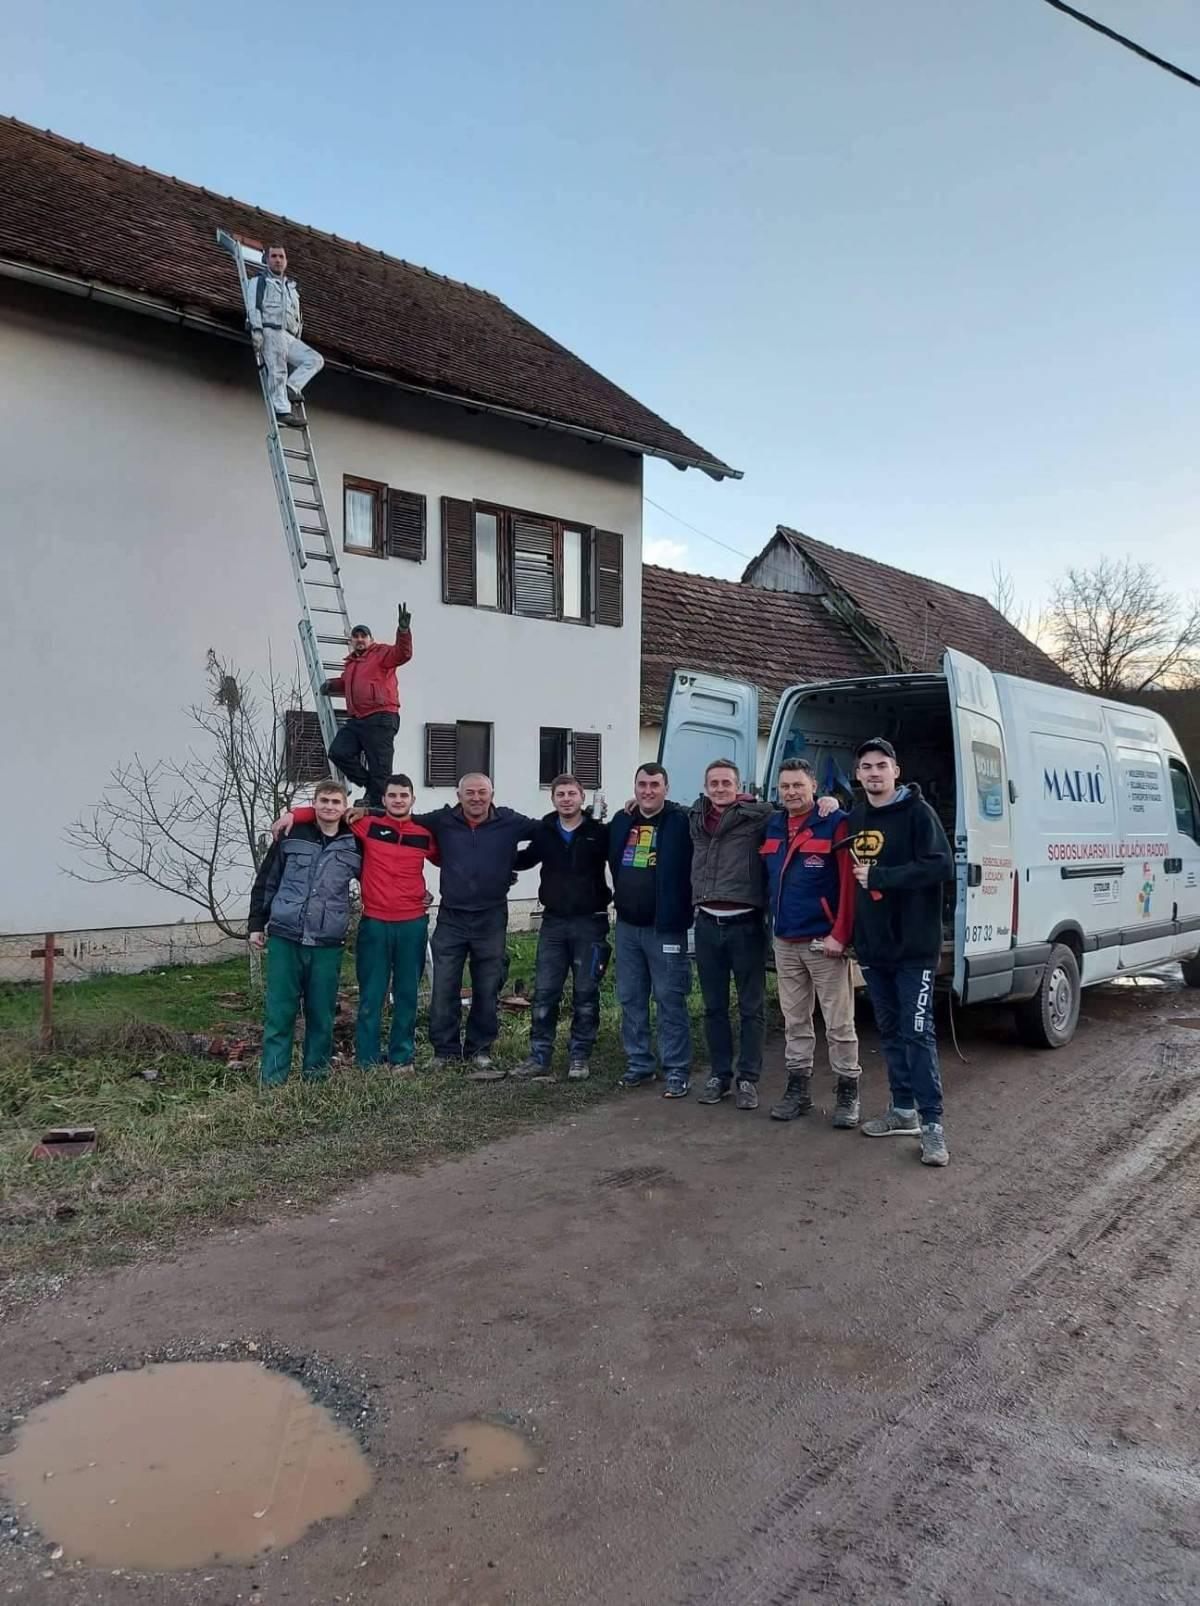 Dečki iz Sikirevaca danas su popravljali krovove u selima koja su nastradala u potresu